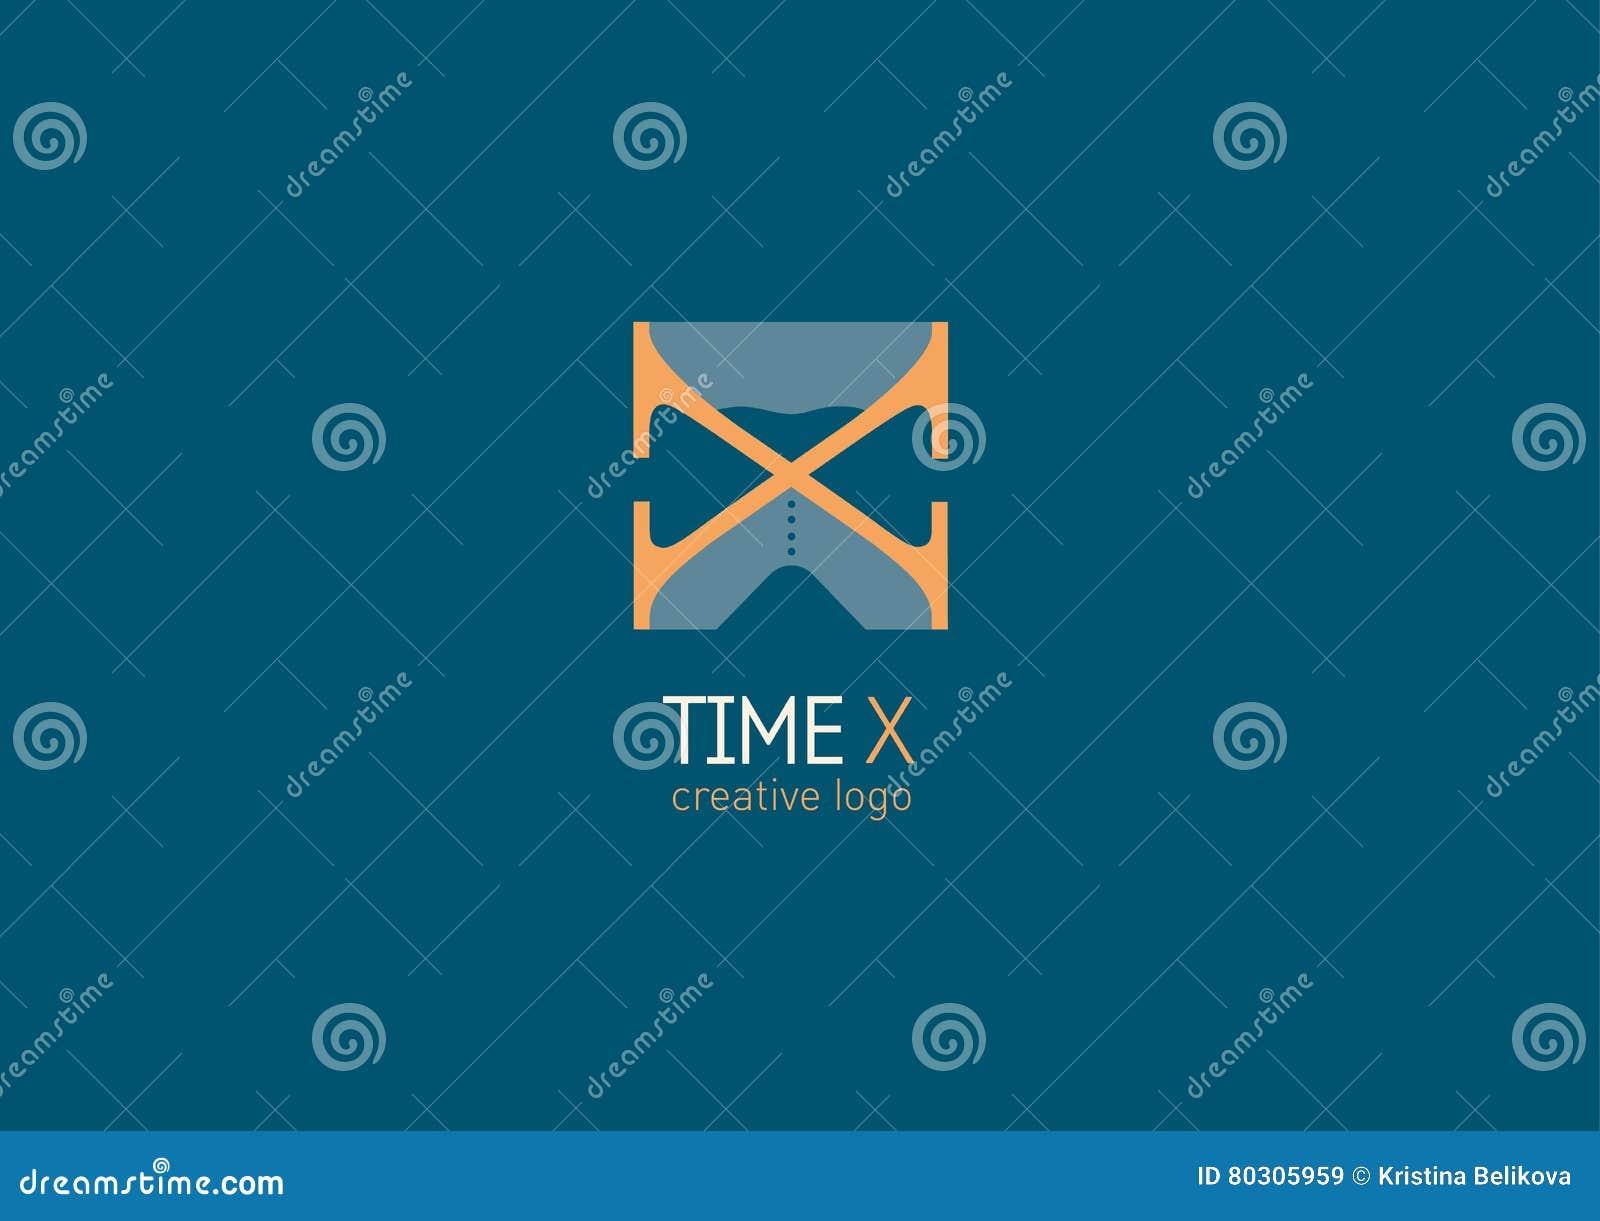 Logotipo Con Un Significado Doble La Letra X Y El Reloj De Arena